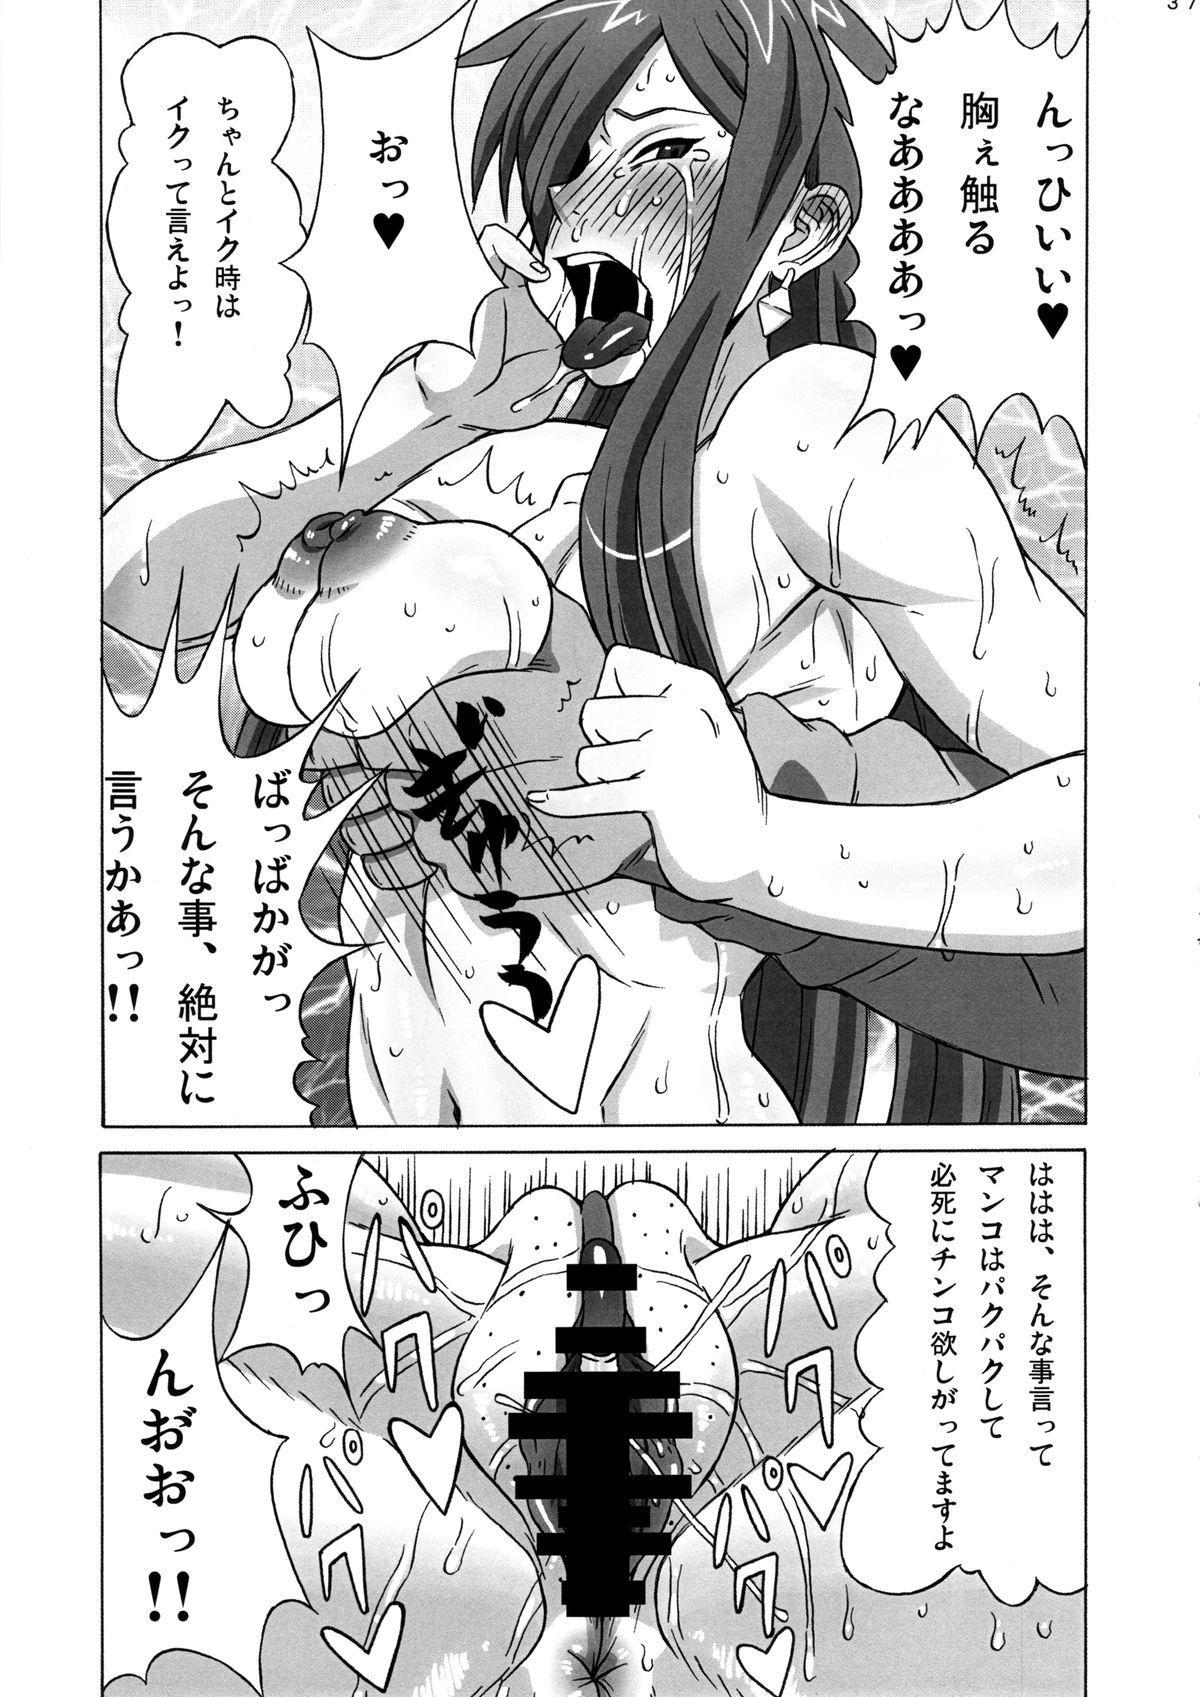 Erza-san wo Choukyou Shite mita. 37